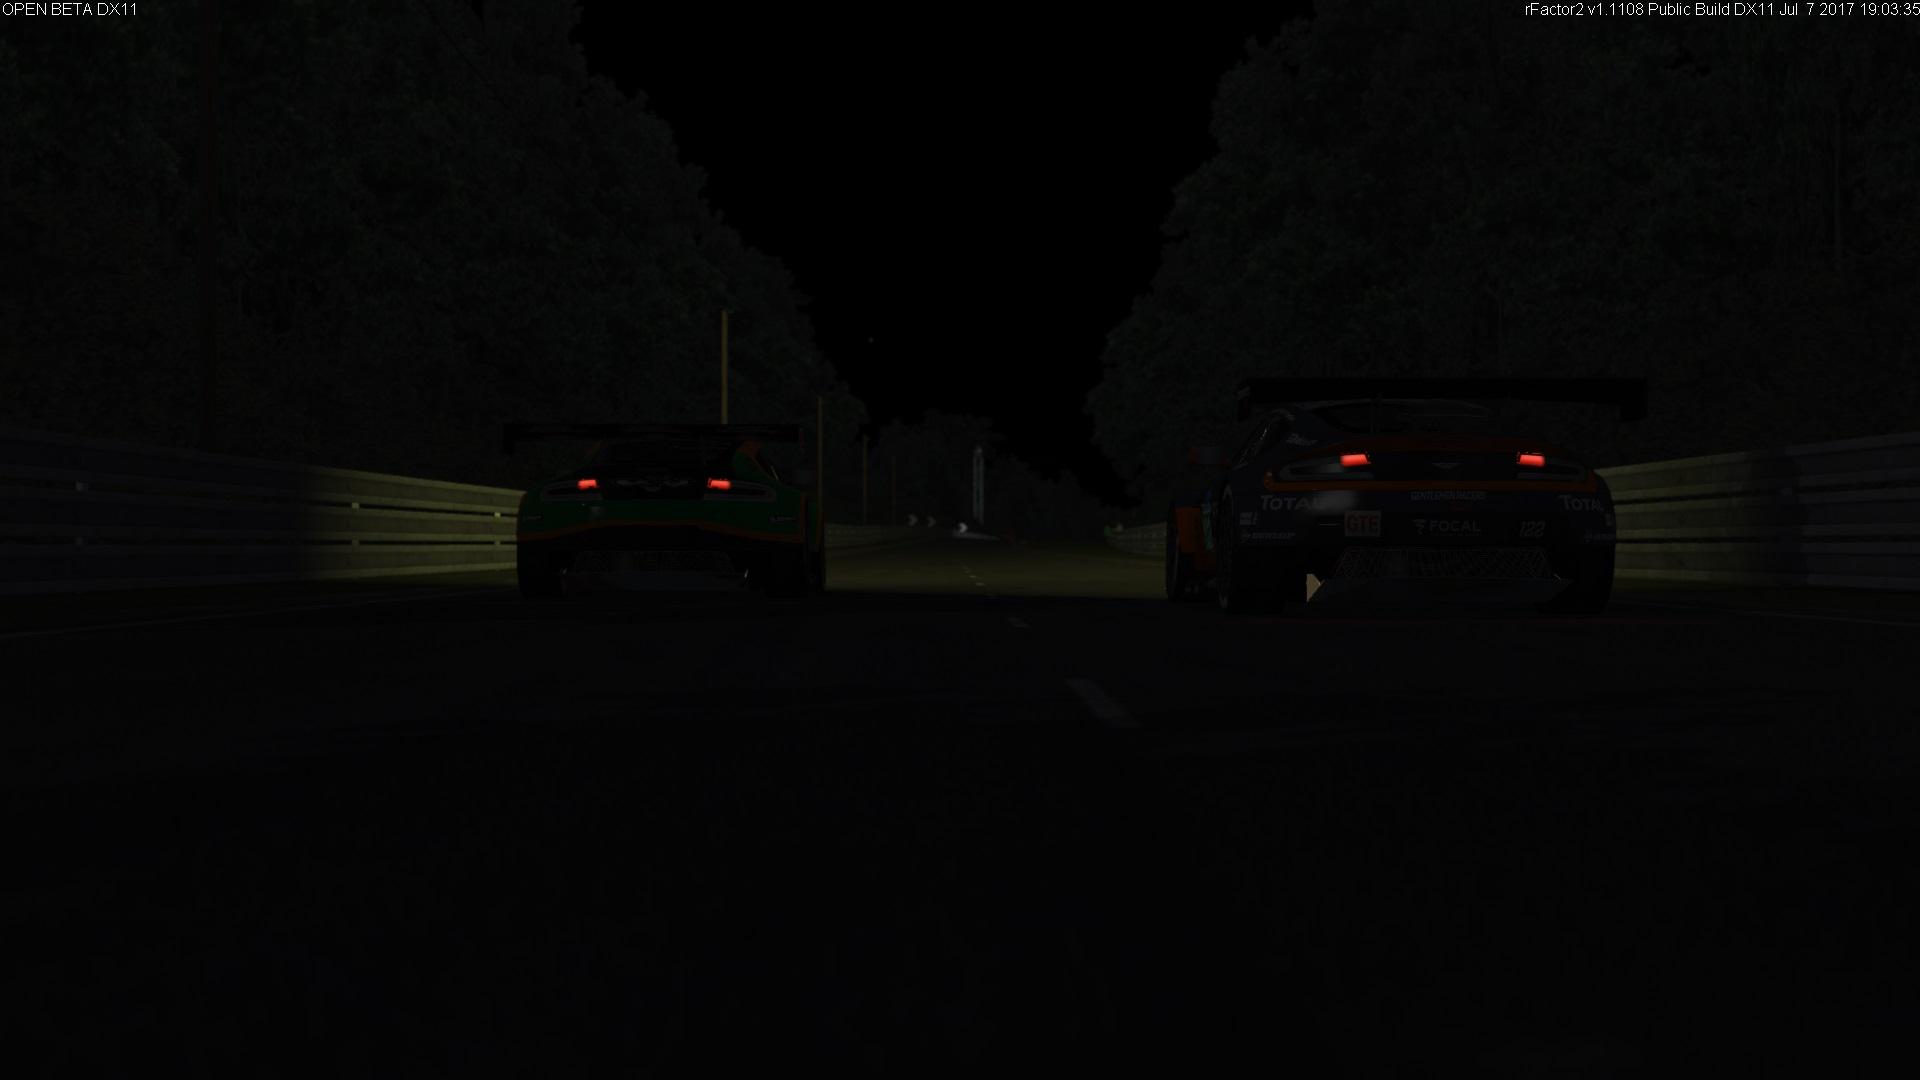 RDLMS Le Mans 22.jpg